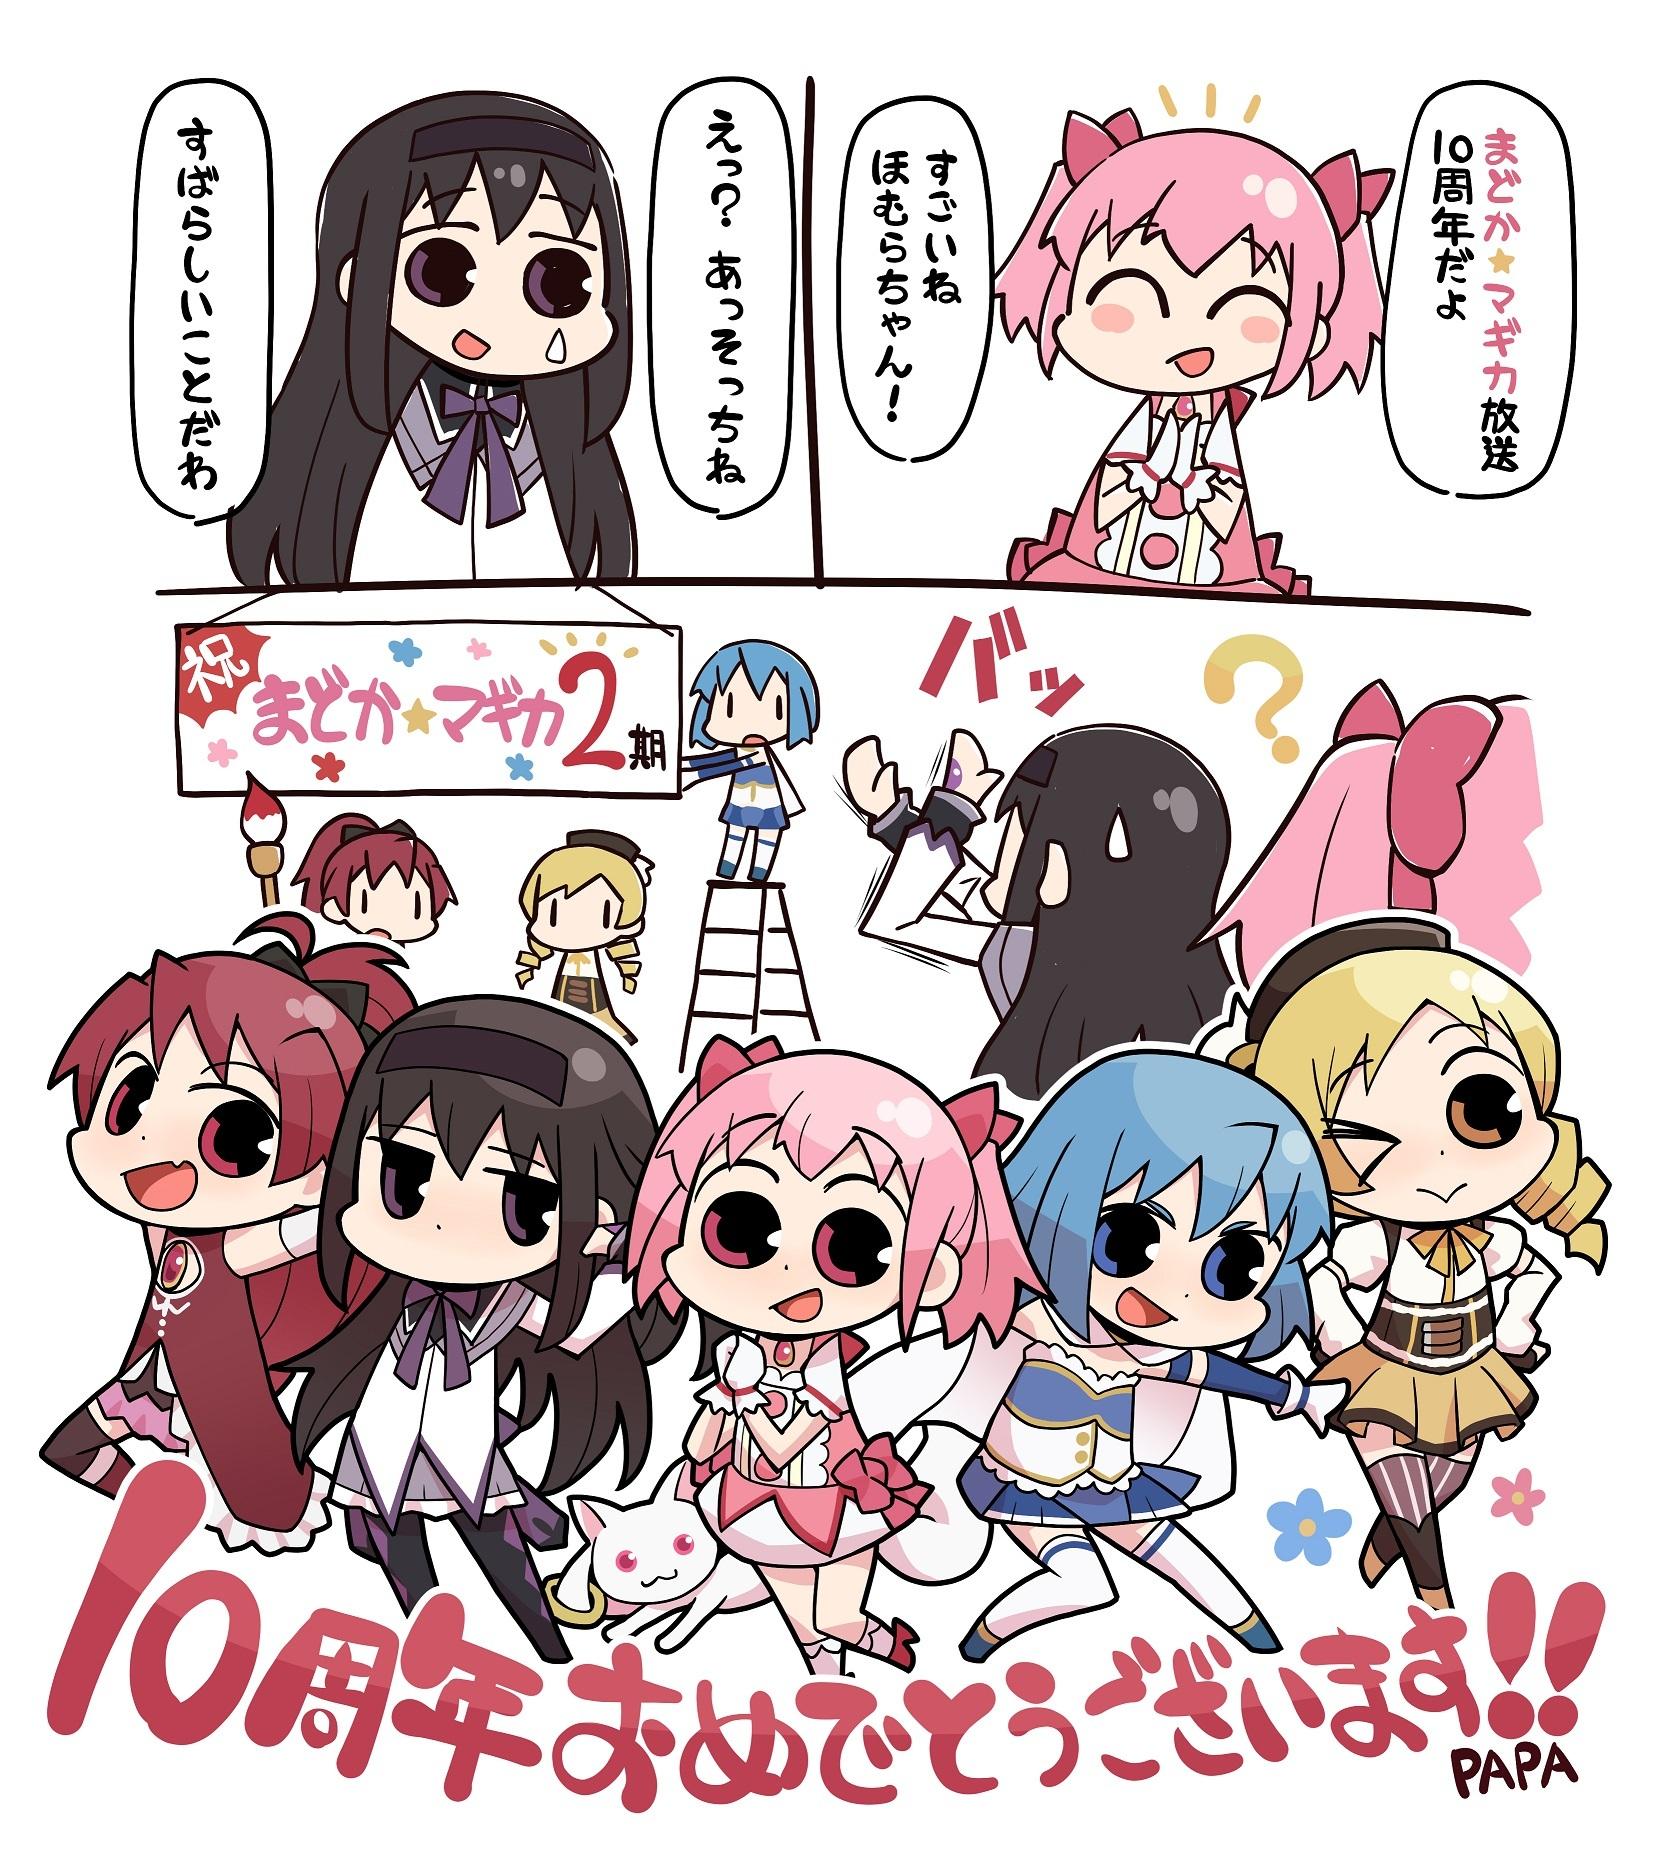 魔法少女小圆十周年知名业界贺图_202105131851_02